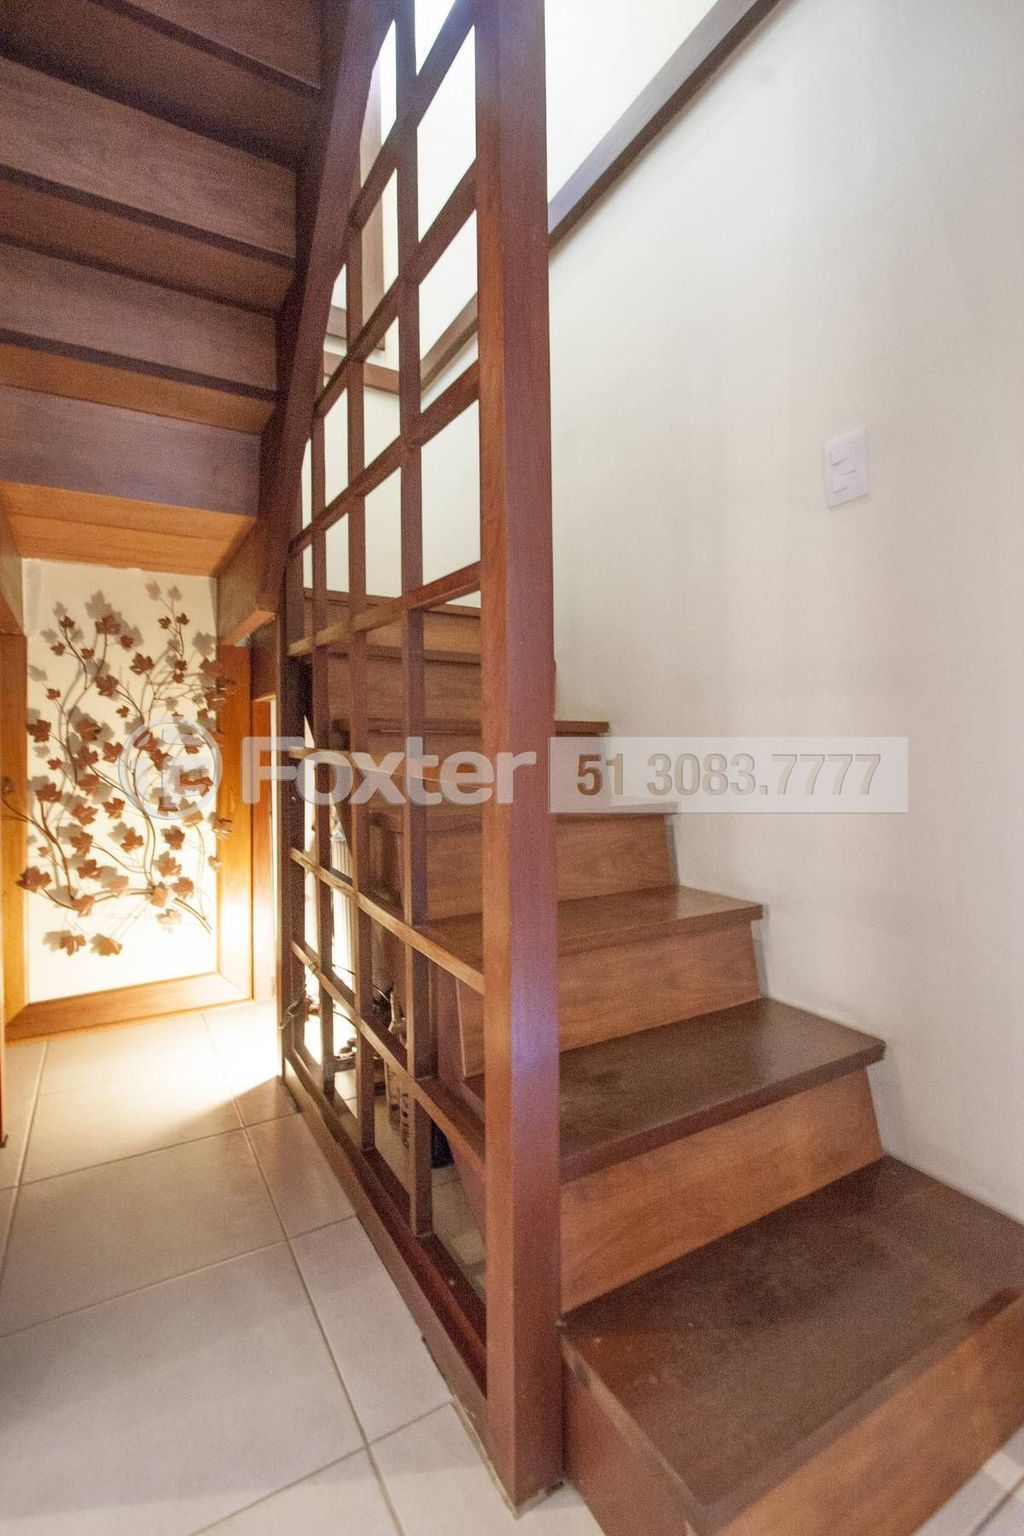 Foxter Imobiliária - Casa 3 Dorm, Porto Alegre - Foto 15